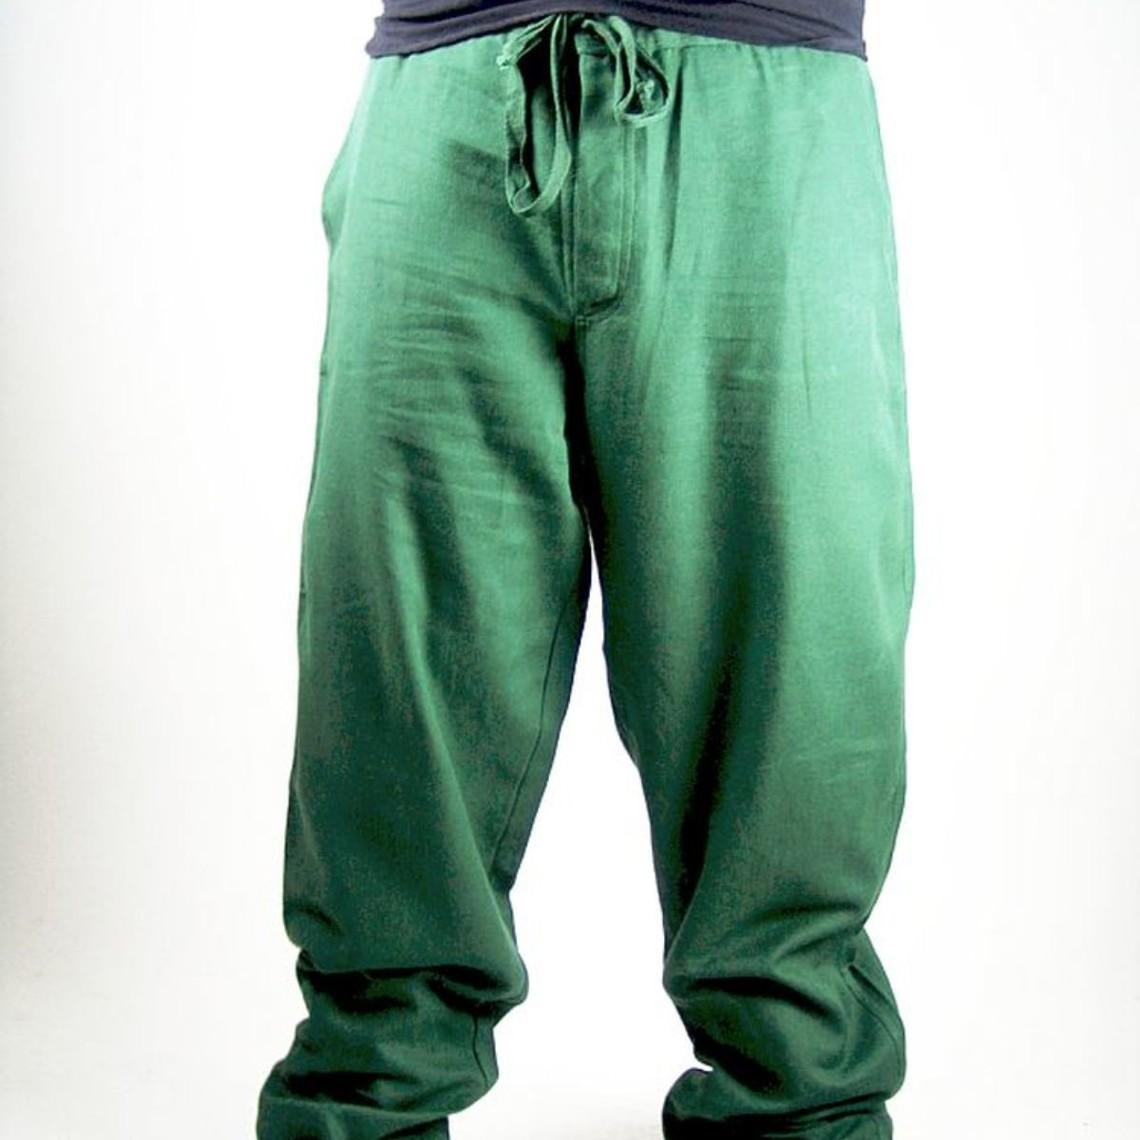 Leonardo Carbone Broek met knopen, groen